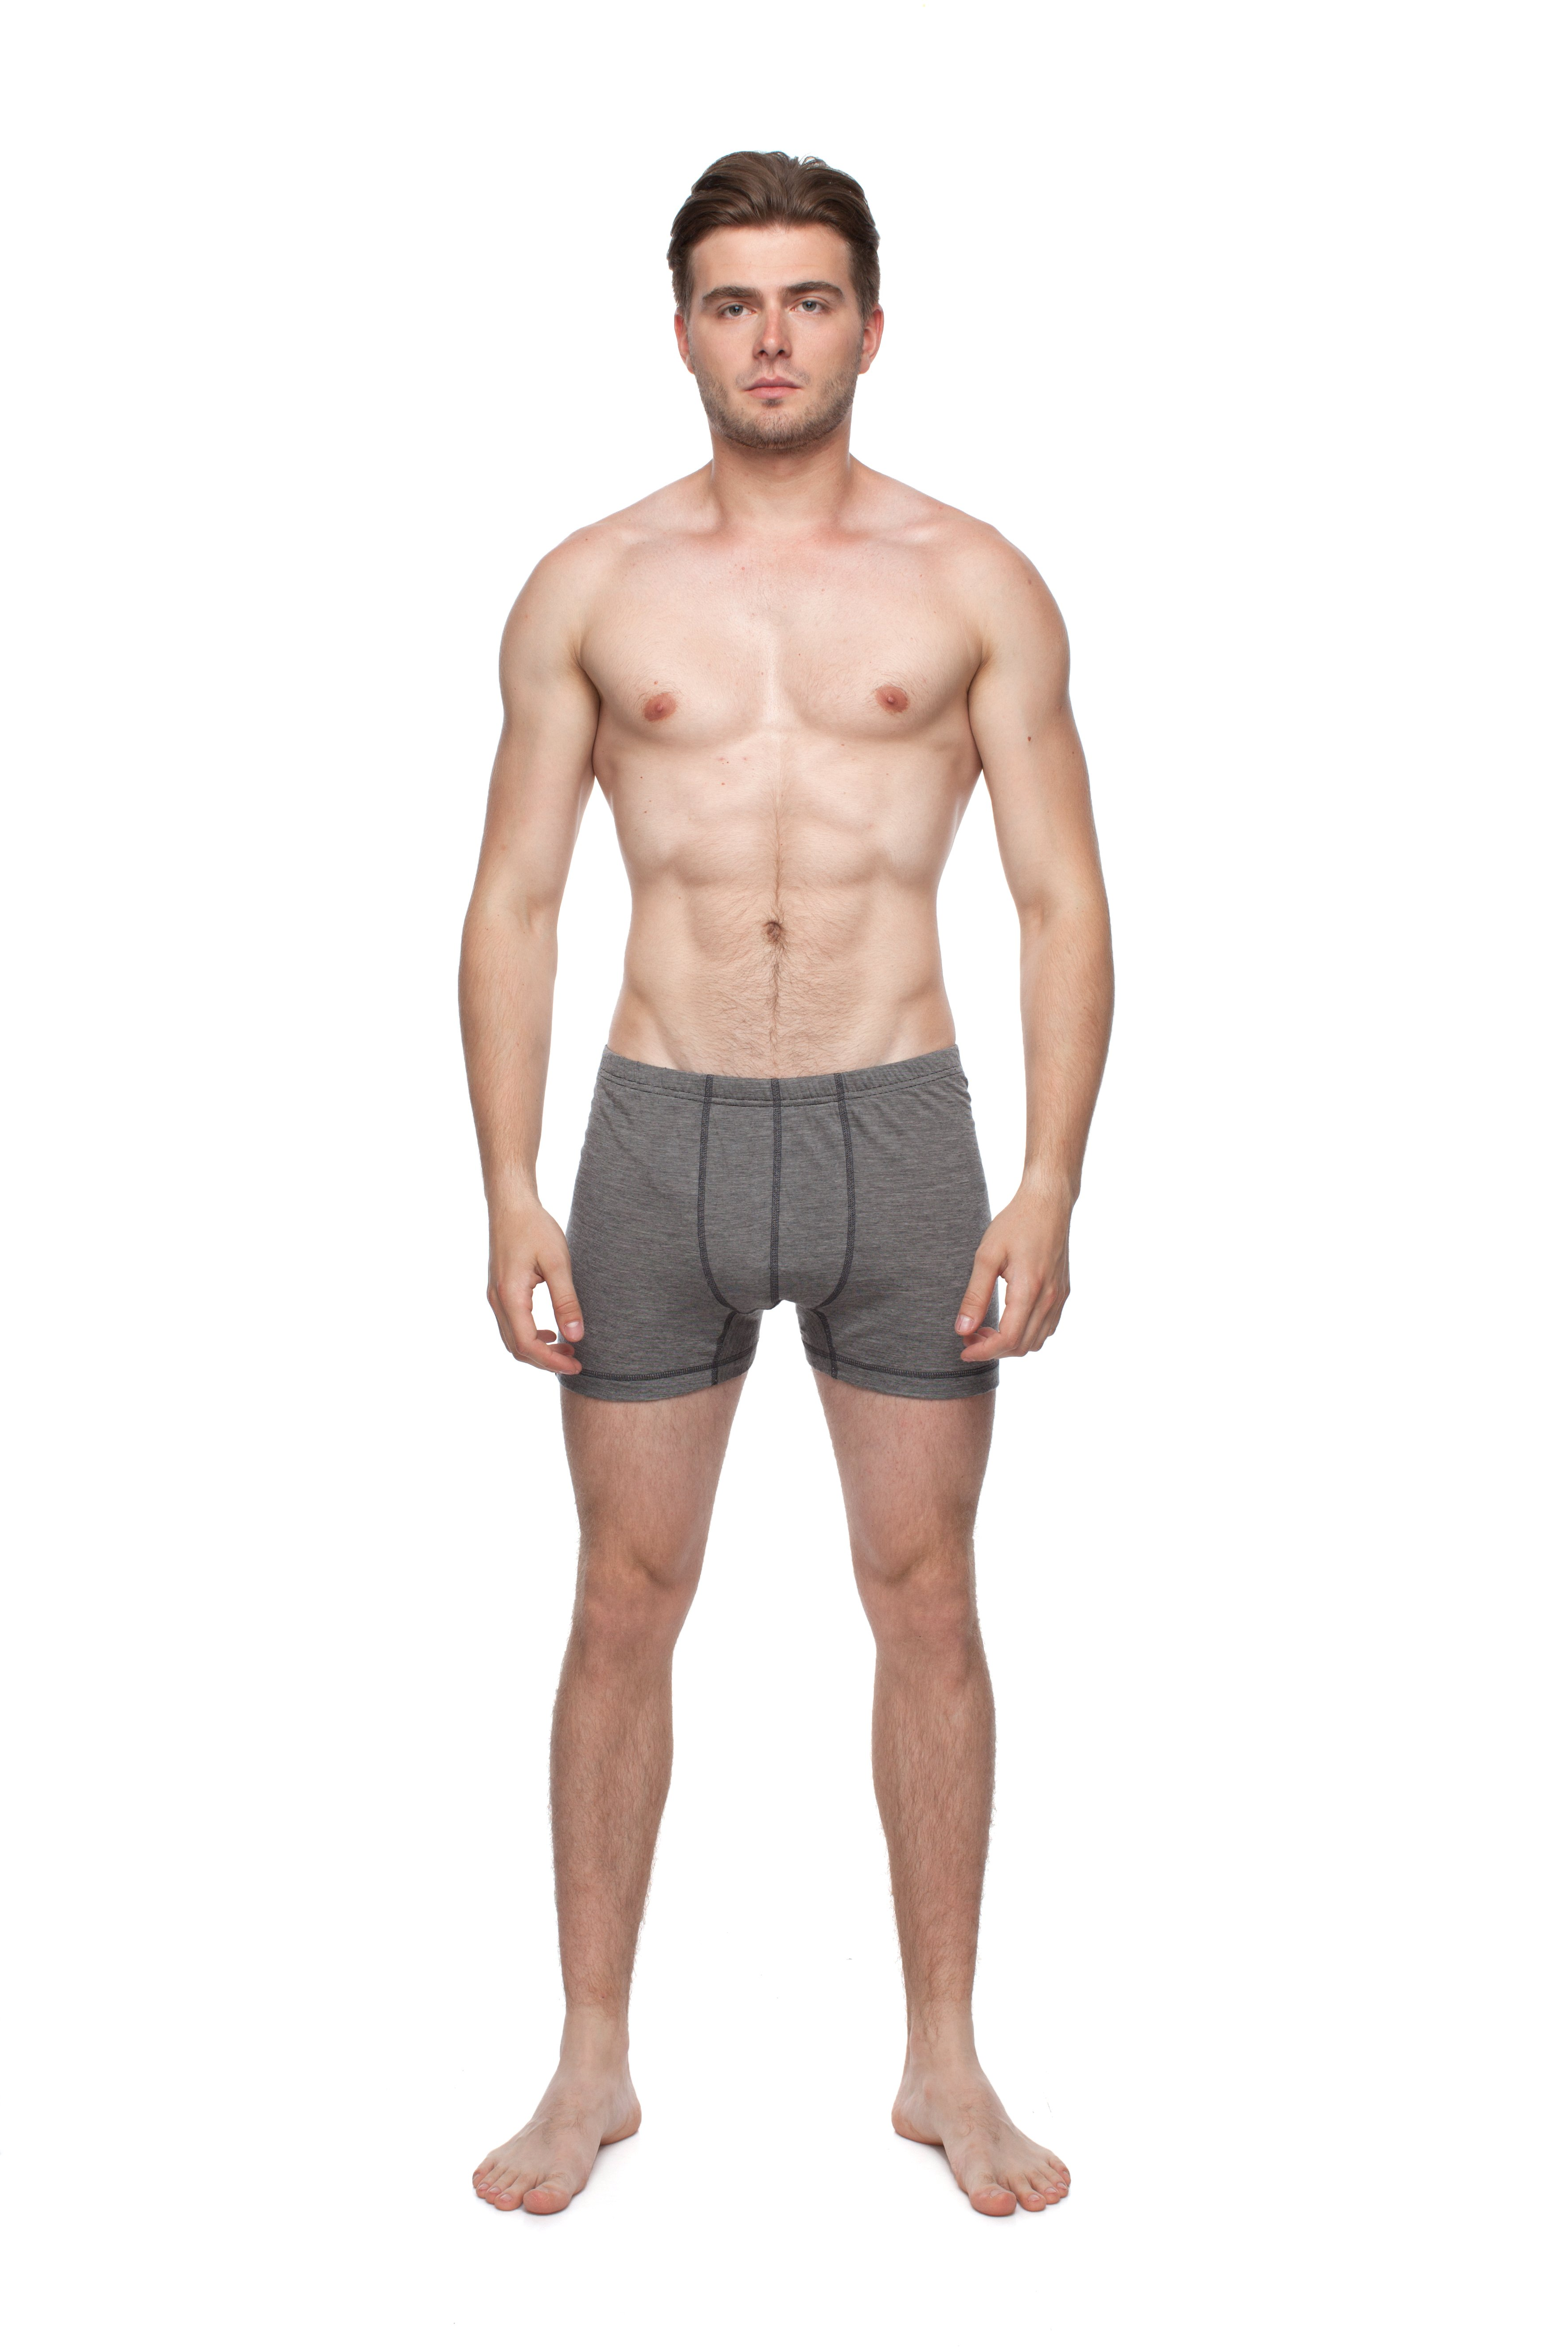 Шорты BASK MERINO WOOL SHORT 5216Термобелье<br>Мужские шорты из смеси шерсти Мериносаи волокон Tencel. Тонкая шерсть Мерино сохраняет комфортный тепловой баланс ине раздражает кожу.<br><br>Вес изделия: 80<br>Воротник: Нет<br>Материал: шерсть Мериноса фирмы Mapp - 50%, Tencel® – 50%<br>Молнии: Нет<br>Плотность ткани: 165<br>Пол: Муж.<br>Тип шва: плоский<br>Функциональная задняя молния: Нет<br>Размер INT: L<br>Цвет: СЕРЫЙ